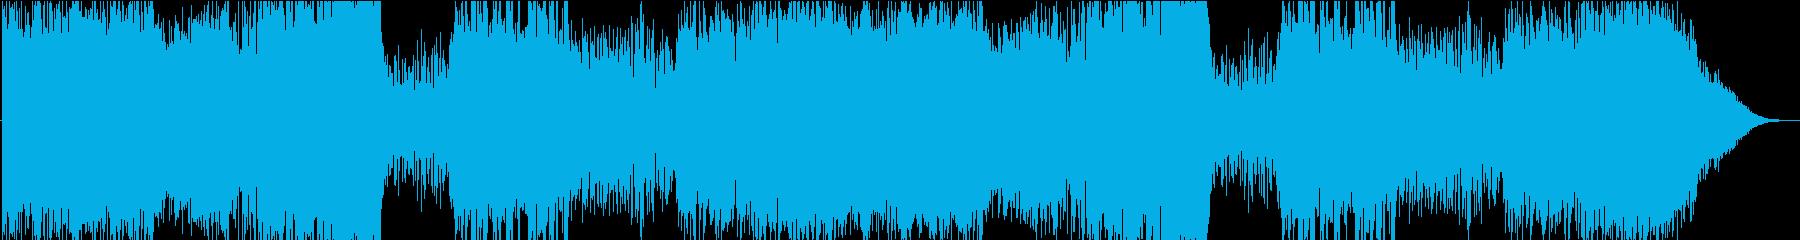 迫力のあるオーケストラの戦闘BGMの再生済みの波形